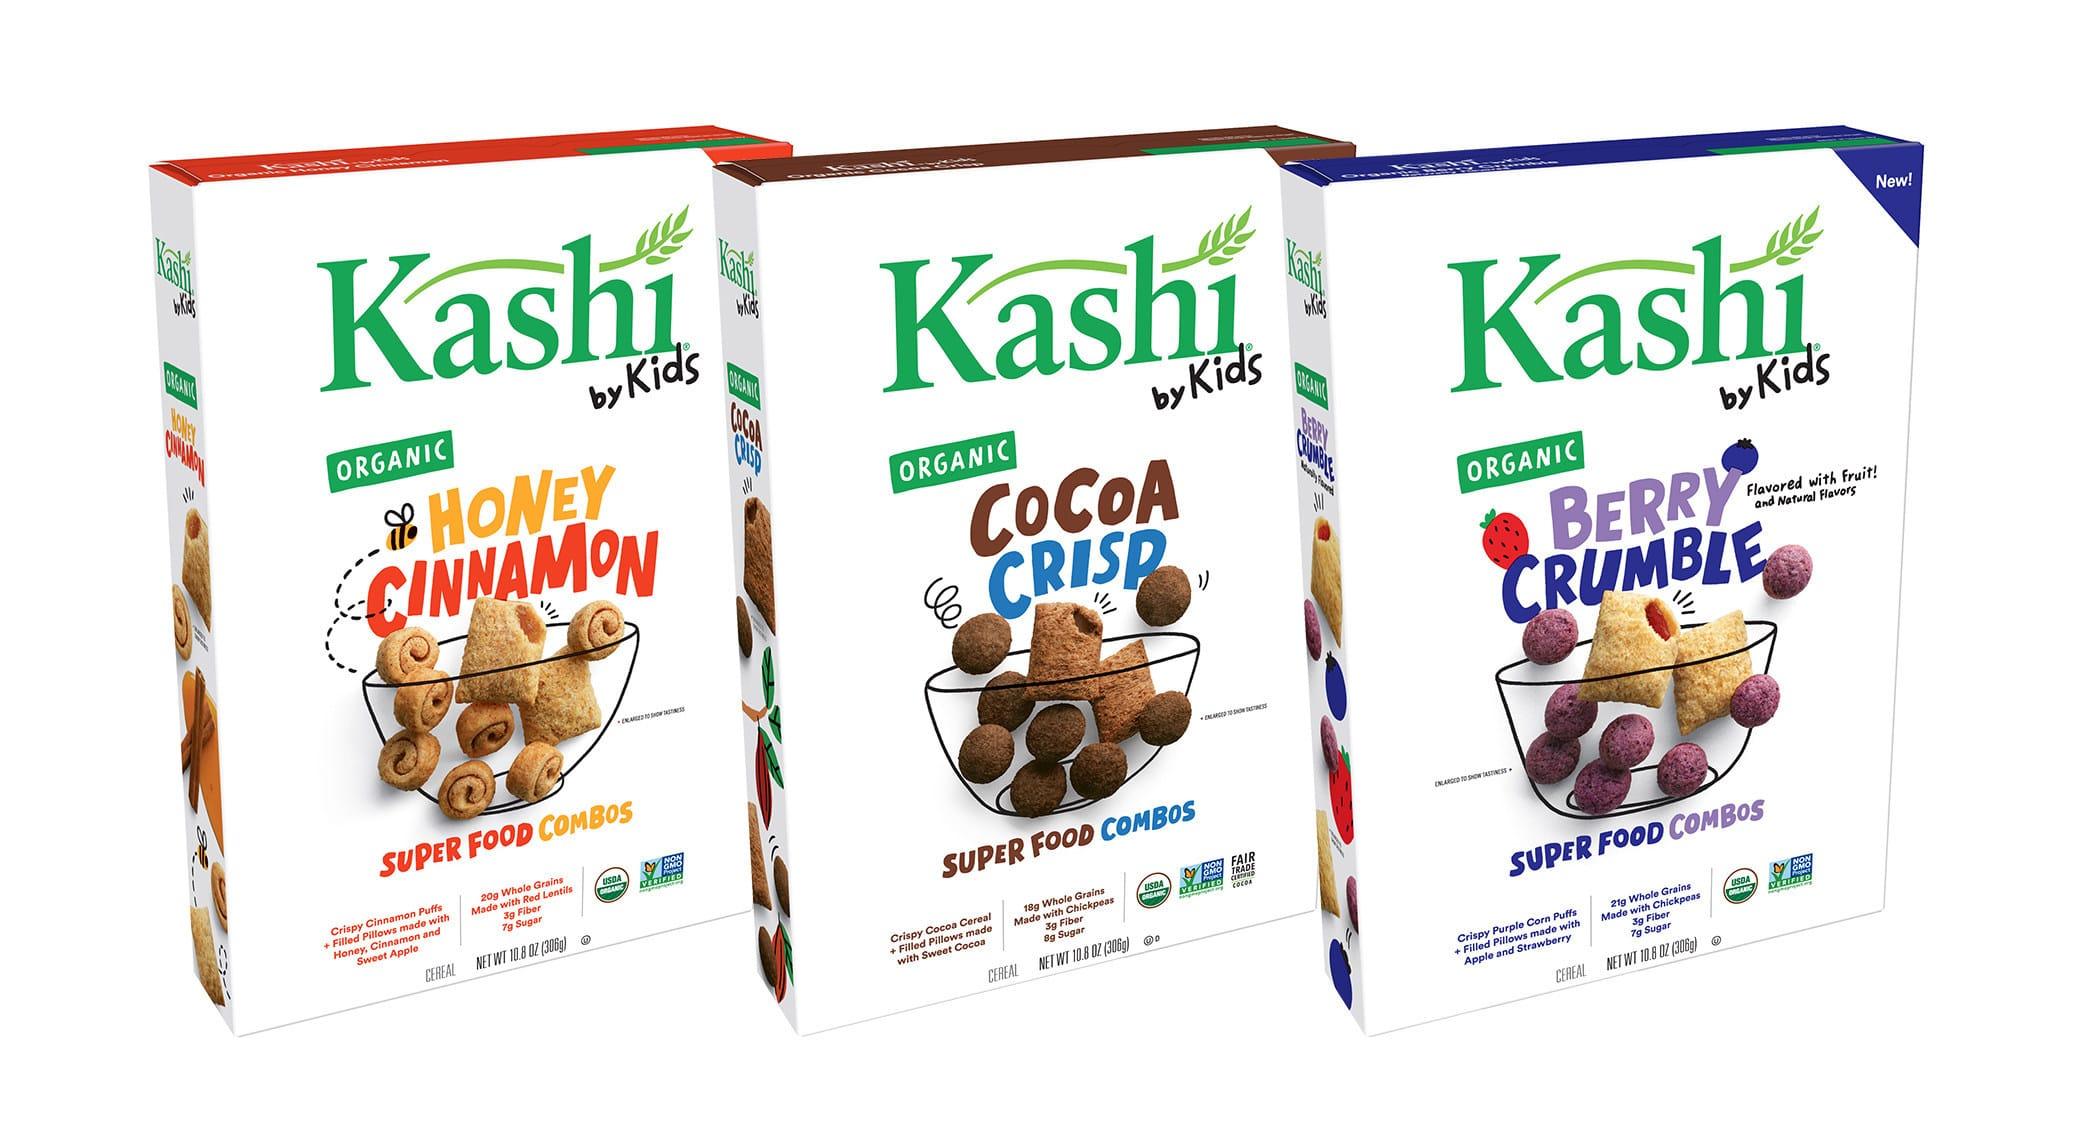 Kashi Launches Kashi by Kids